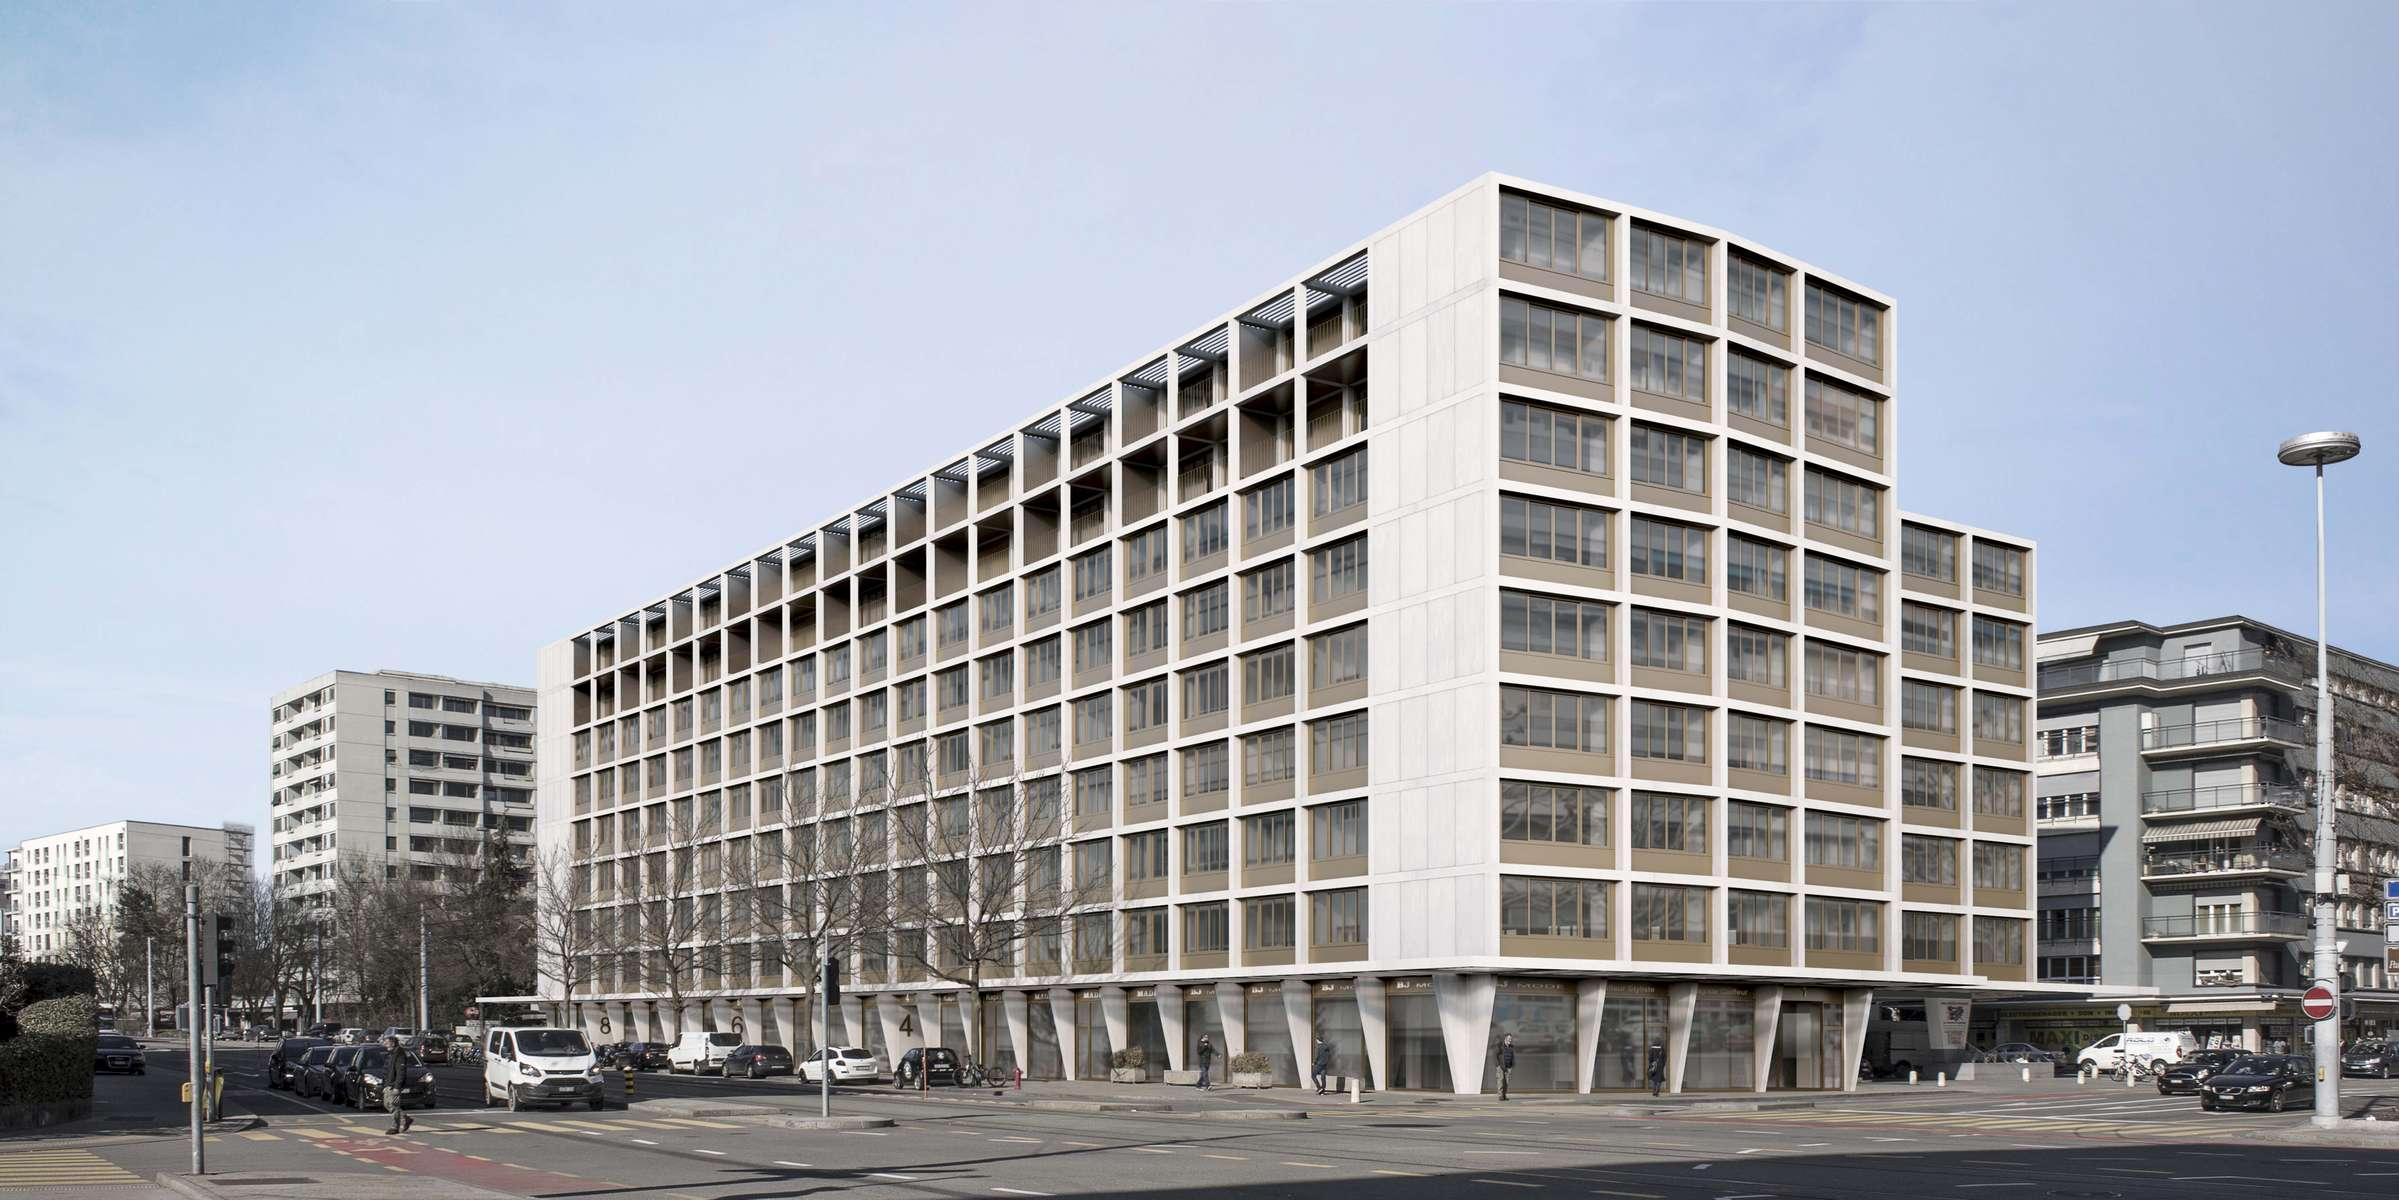 (ris+partenaires 2018)Projet: Rénovation et transformation d'immeubles locatifsGenève - SuisseSurface: 4'064 m2Chef de projet:Antoine RisRaoul FrauenfelderMandat: Projet